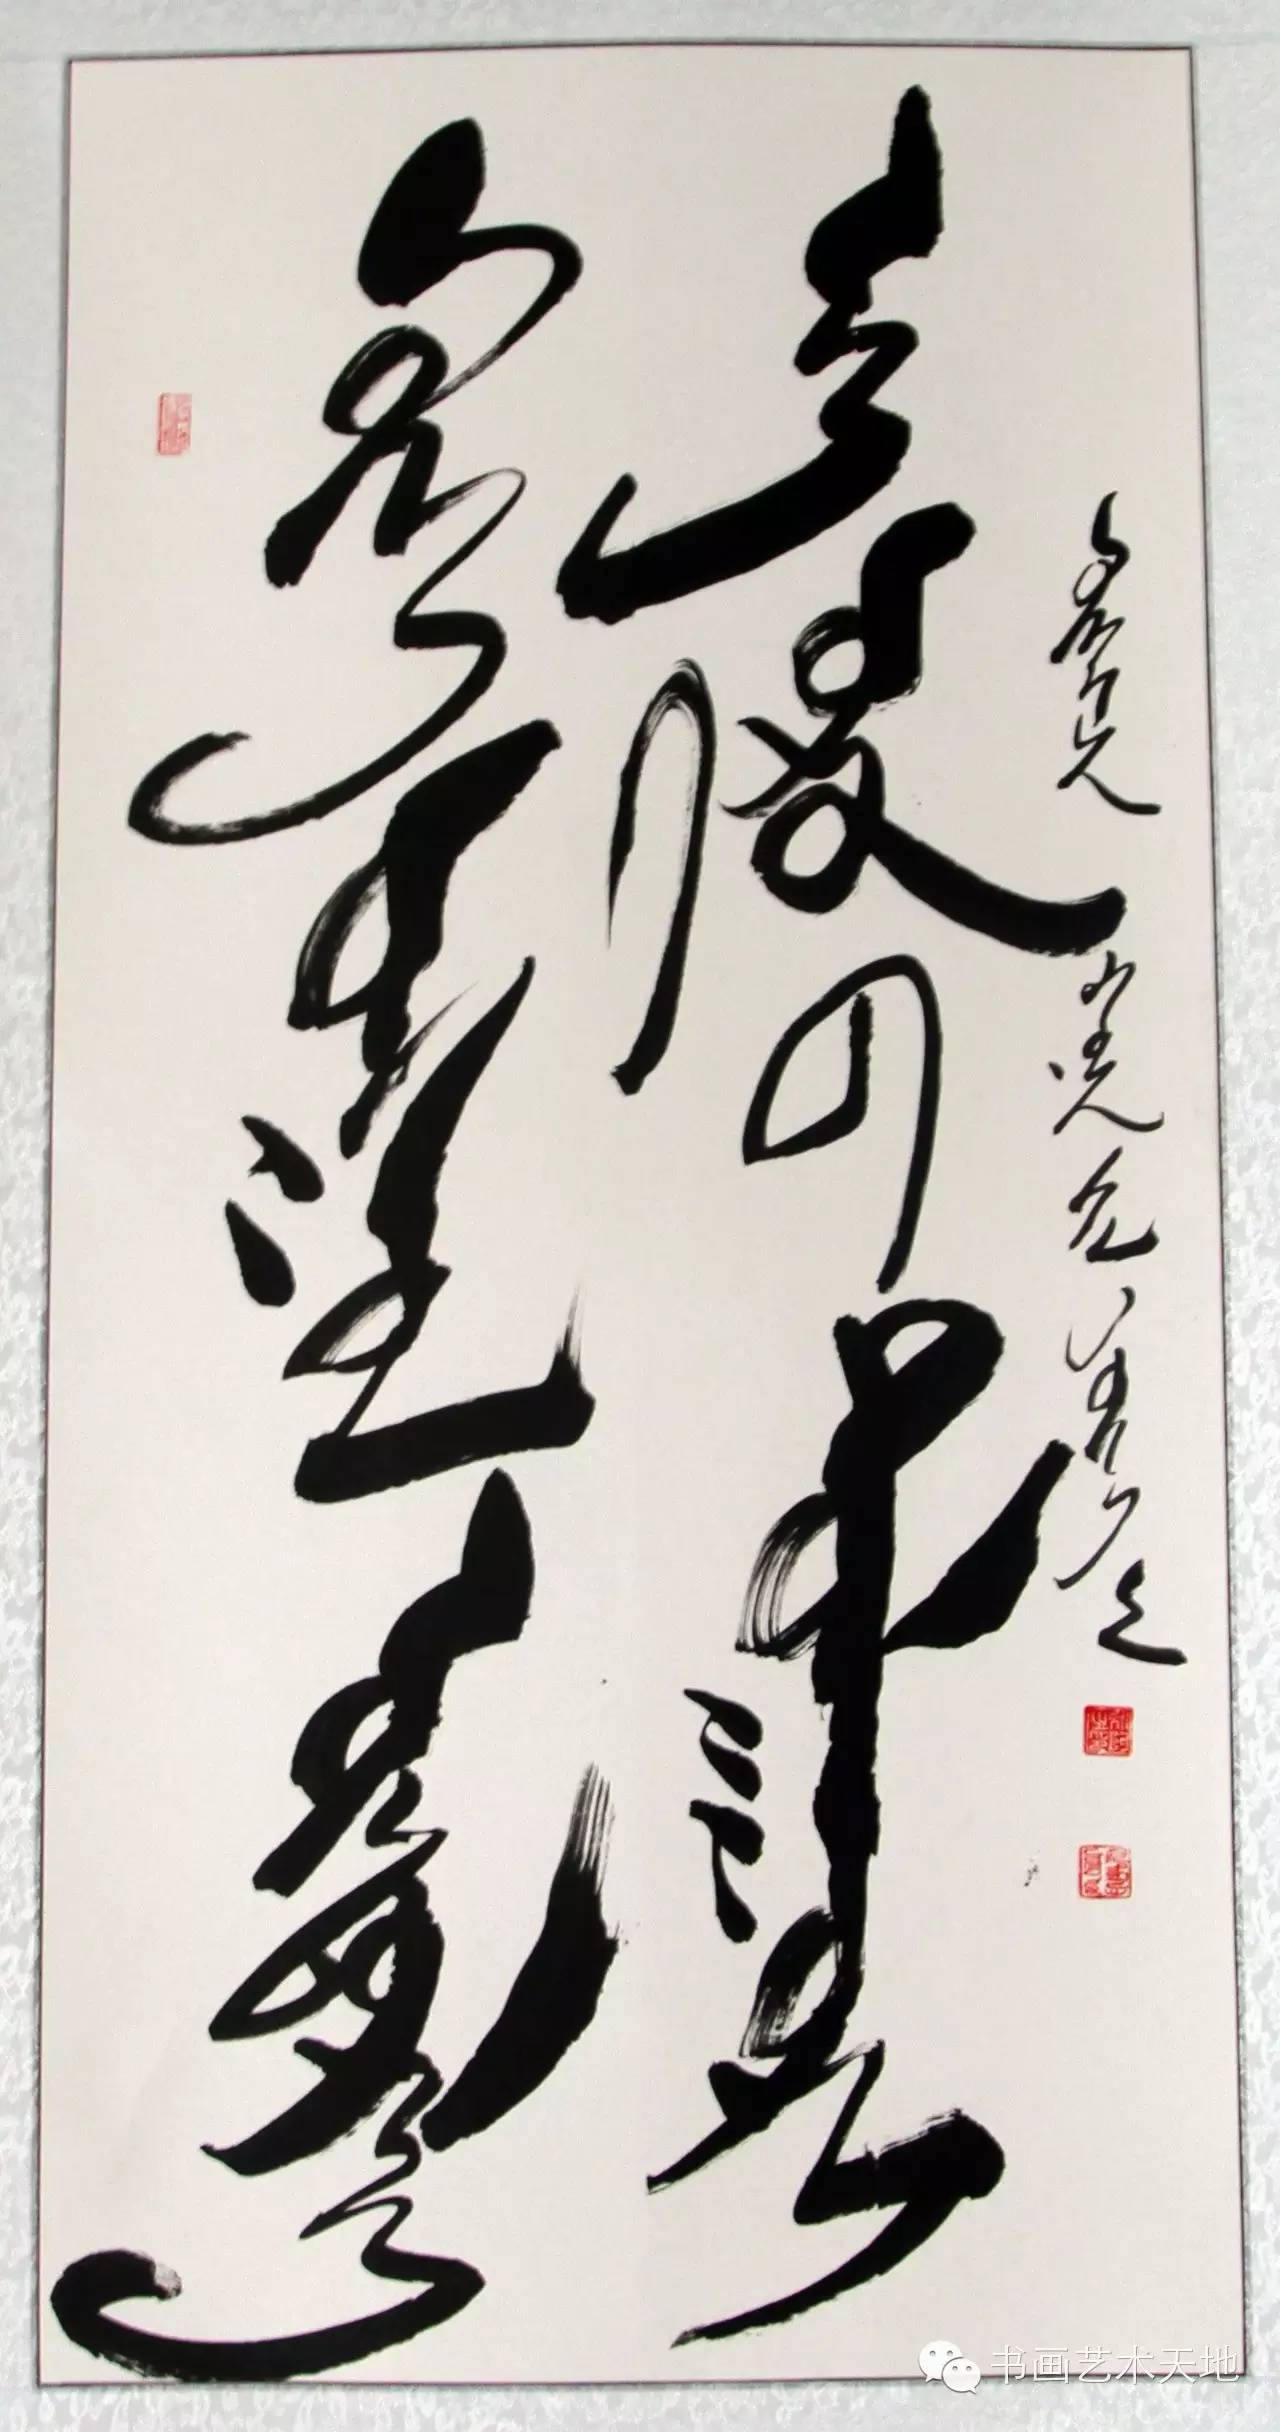 永阿——戈壁滩上的蒙文书法奇葩 第7张